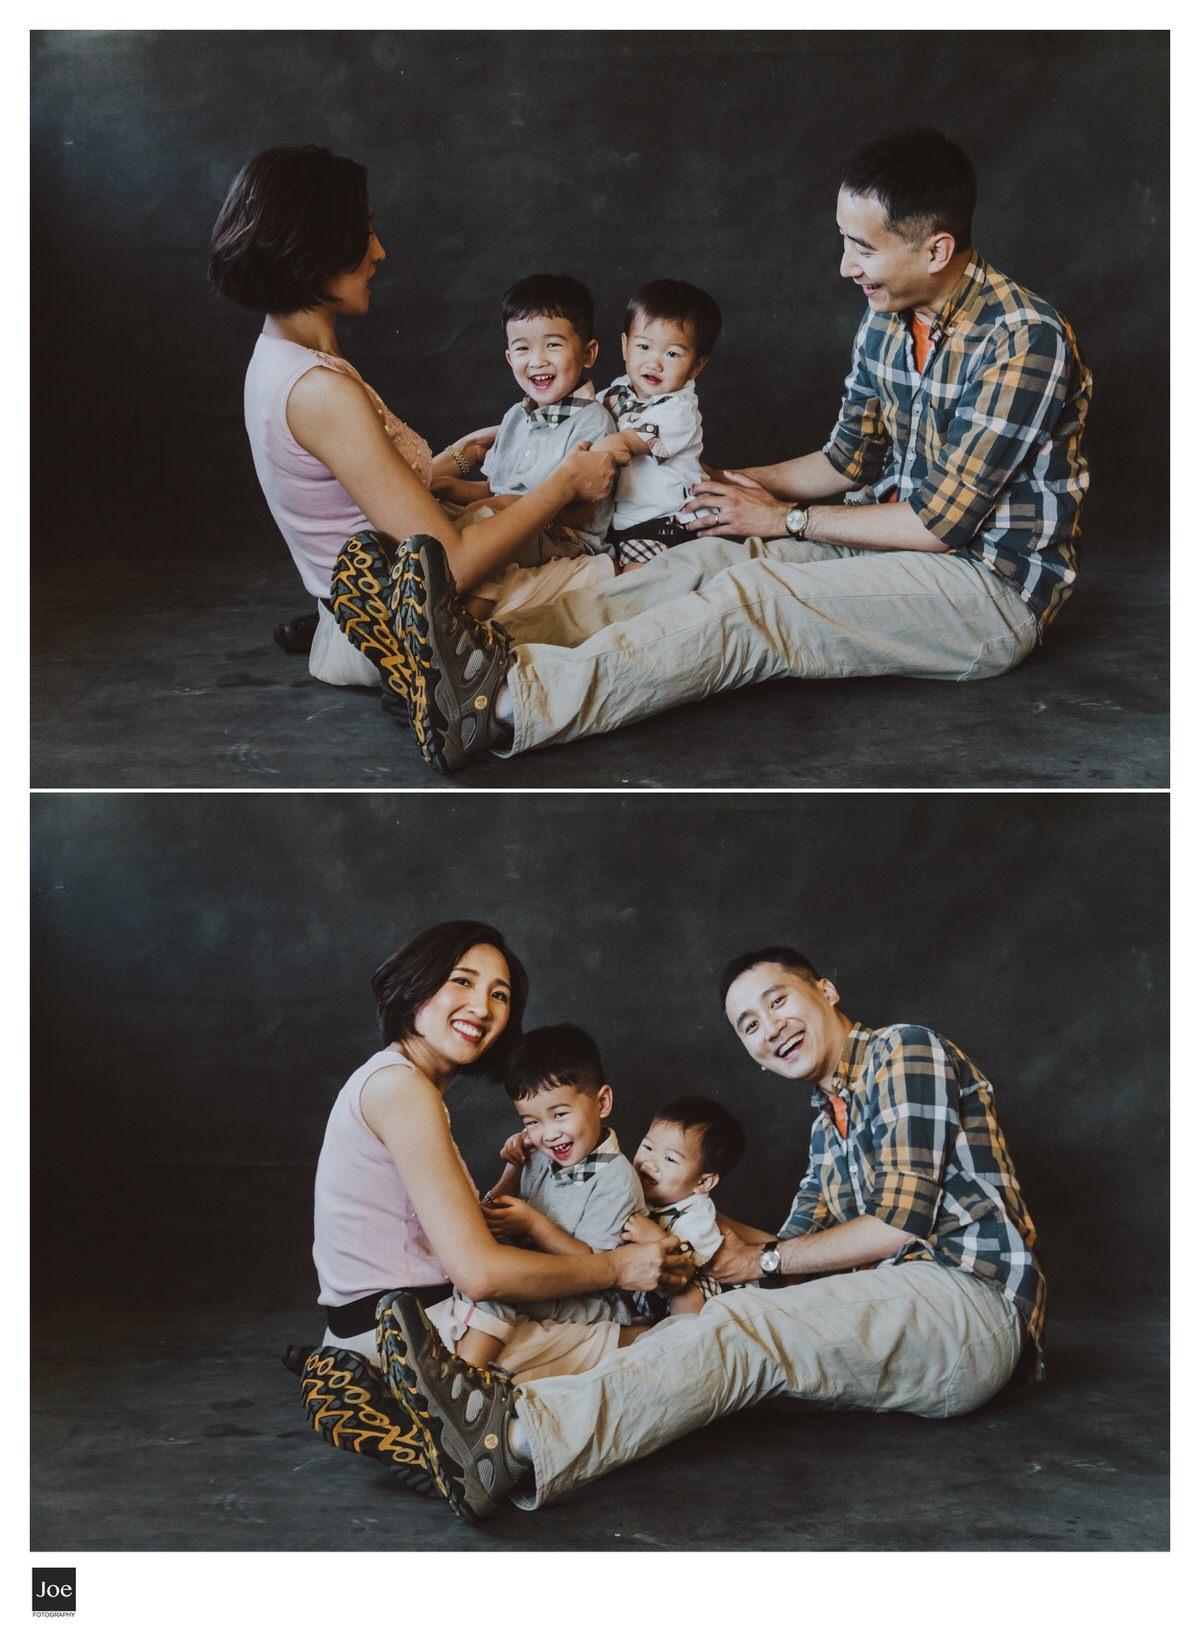 joe-fotography-family-photo-022.jpg